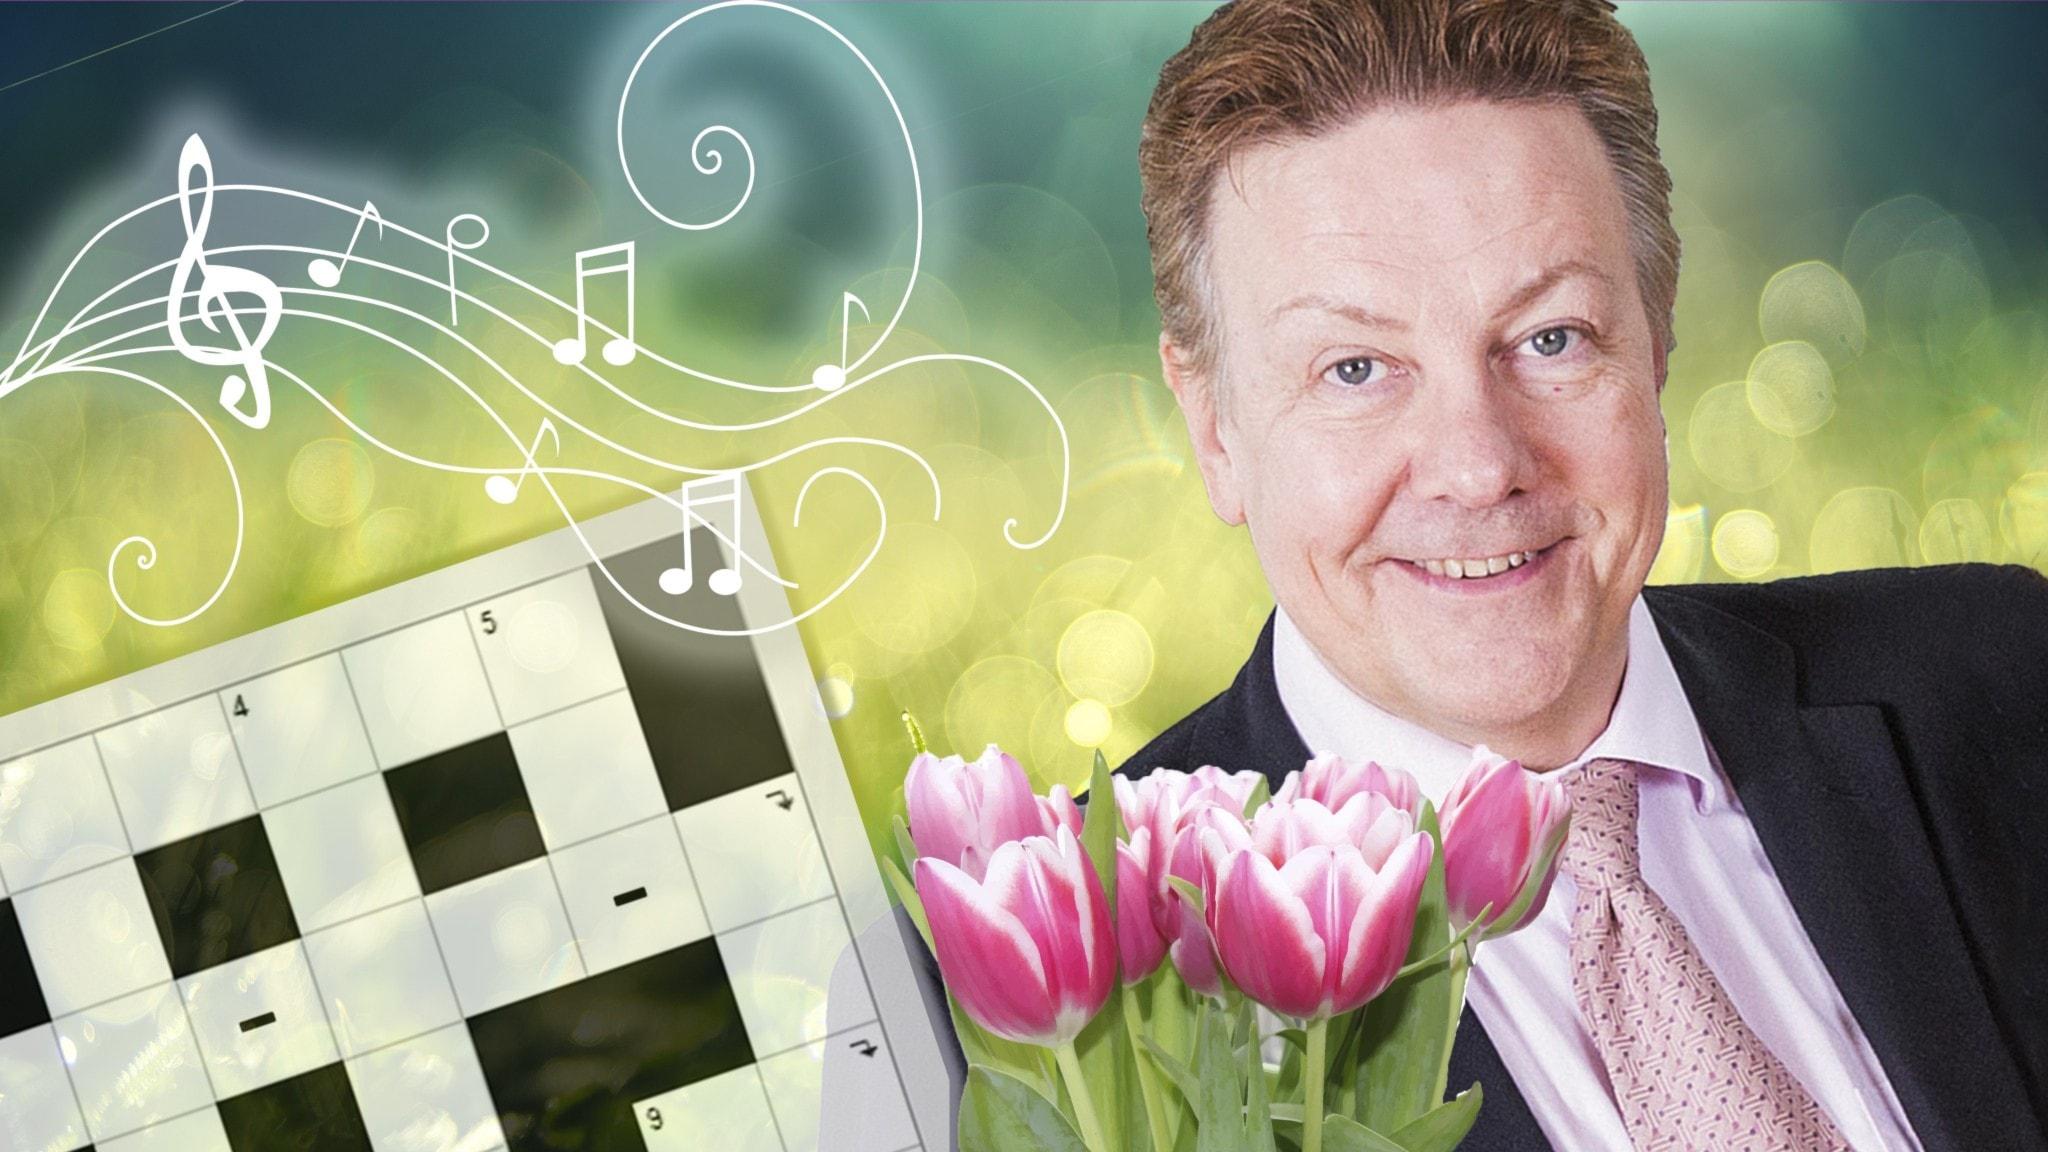 Melodikryssets programledare Anders Eldeman mot grön bakgrund och med rosa tulpaner